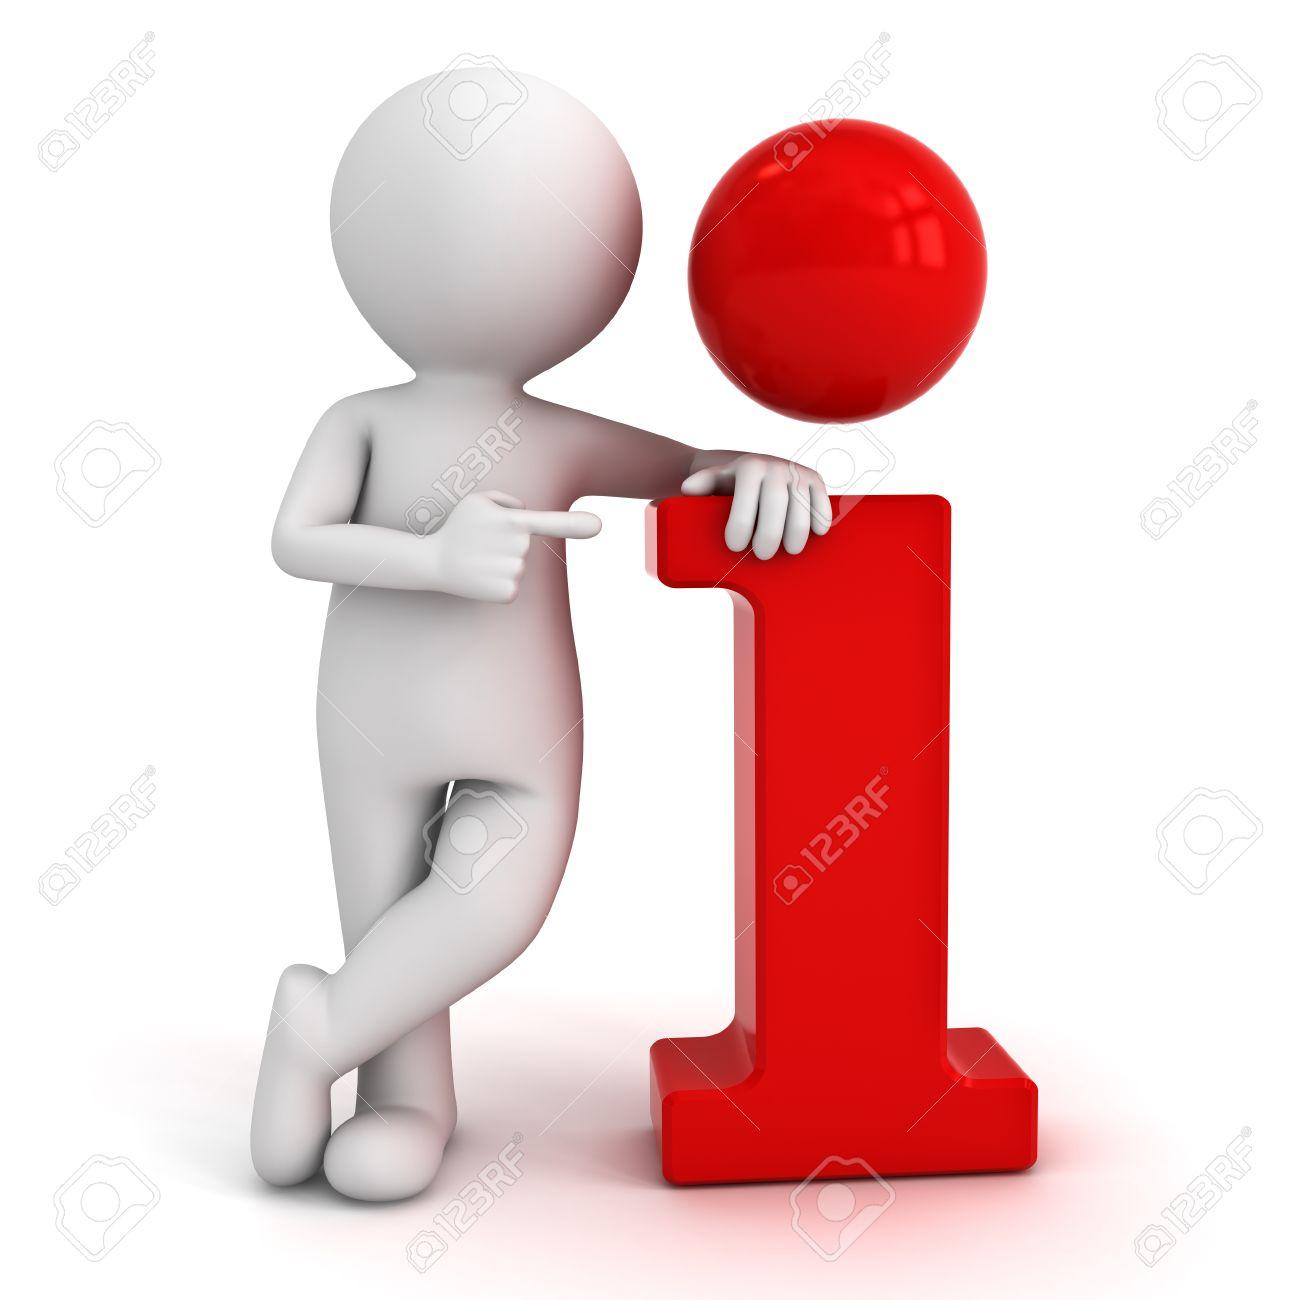 3d homme appuyé sur les informations icône rouge et pointant du doigt il isolé sur fond blanc Banque d'images - 25335770